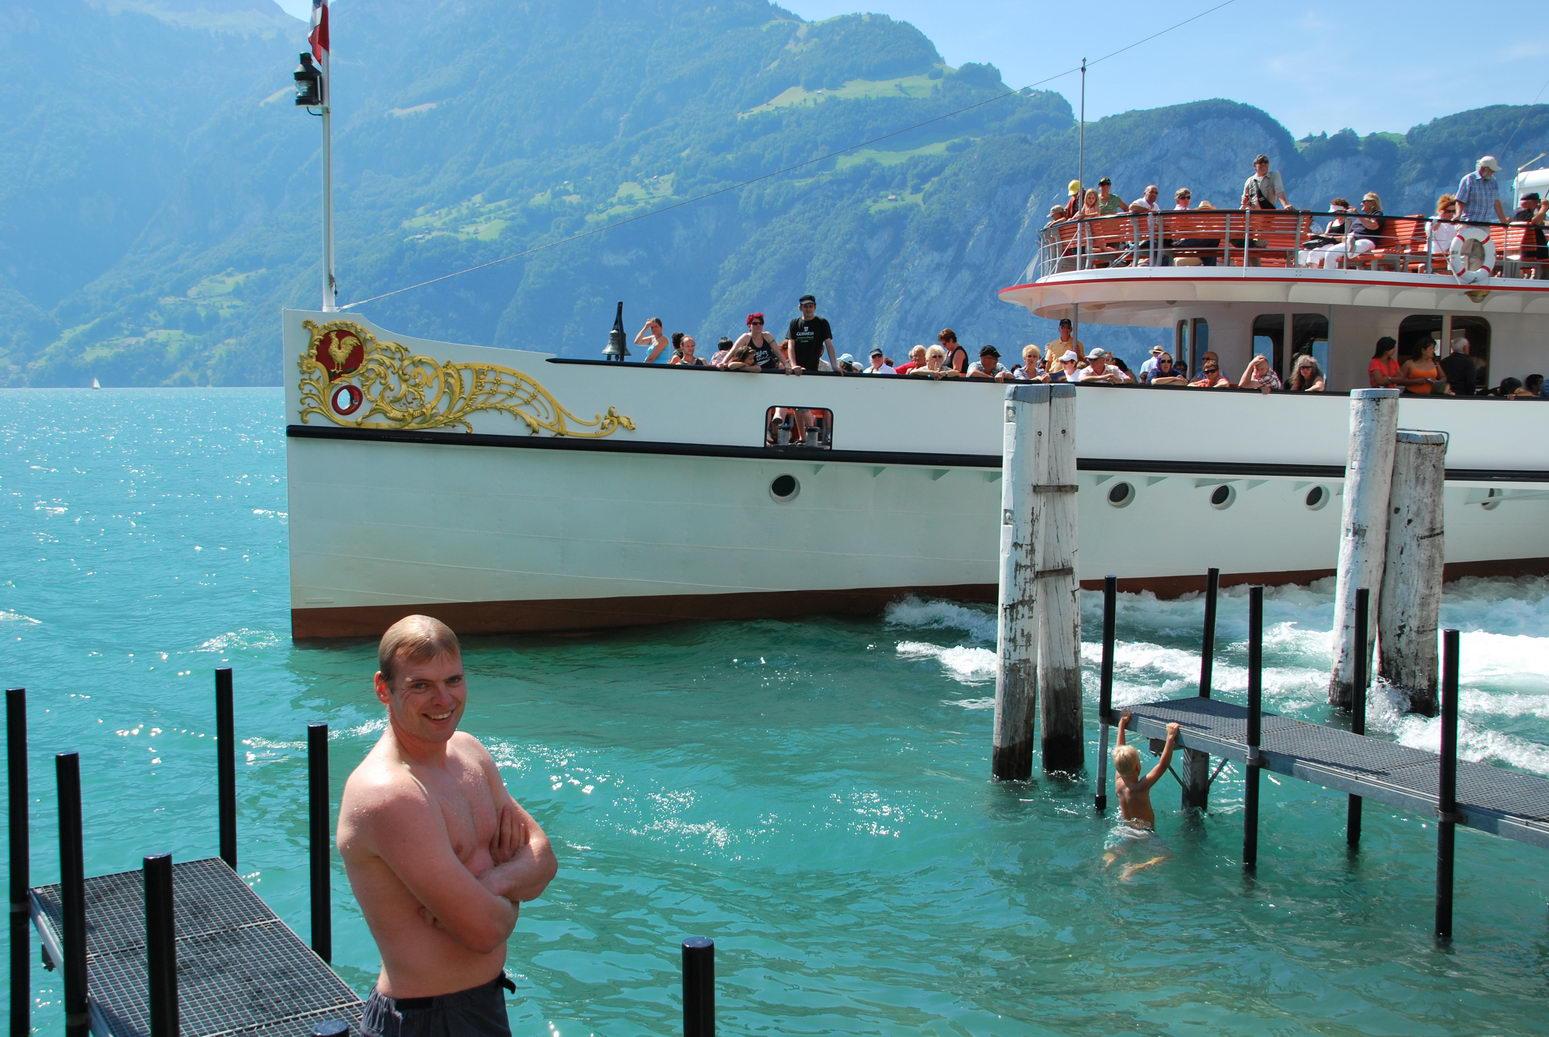 cris-boat-swiss-o-week-switzerland